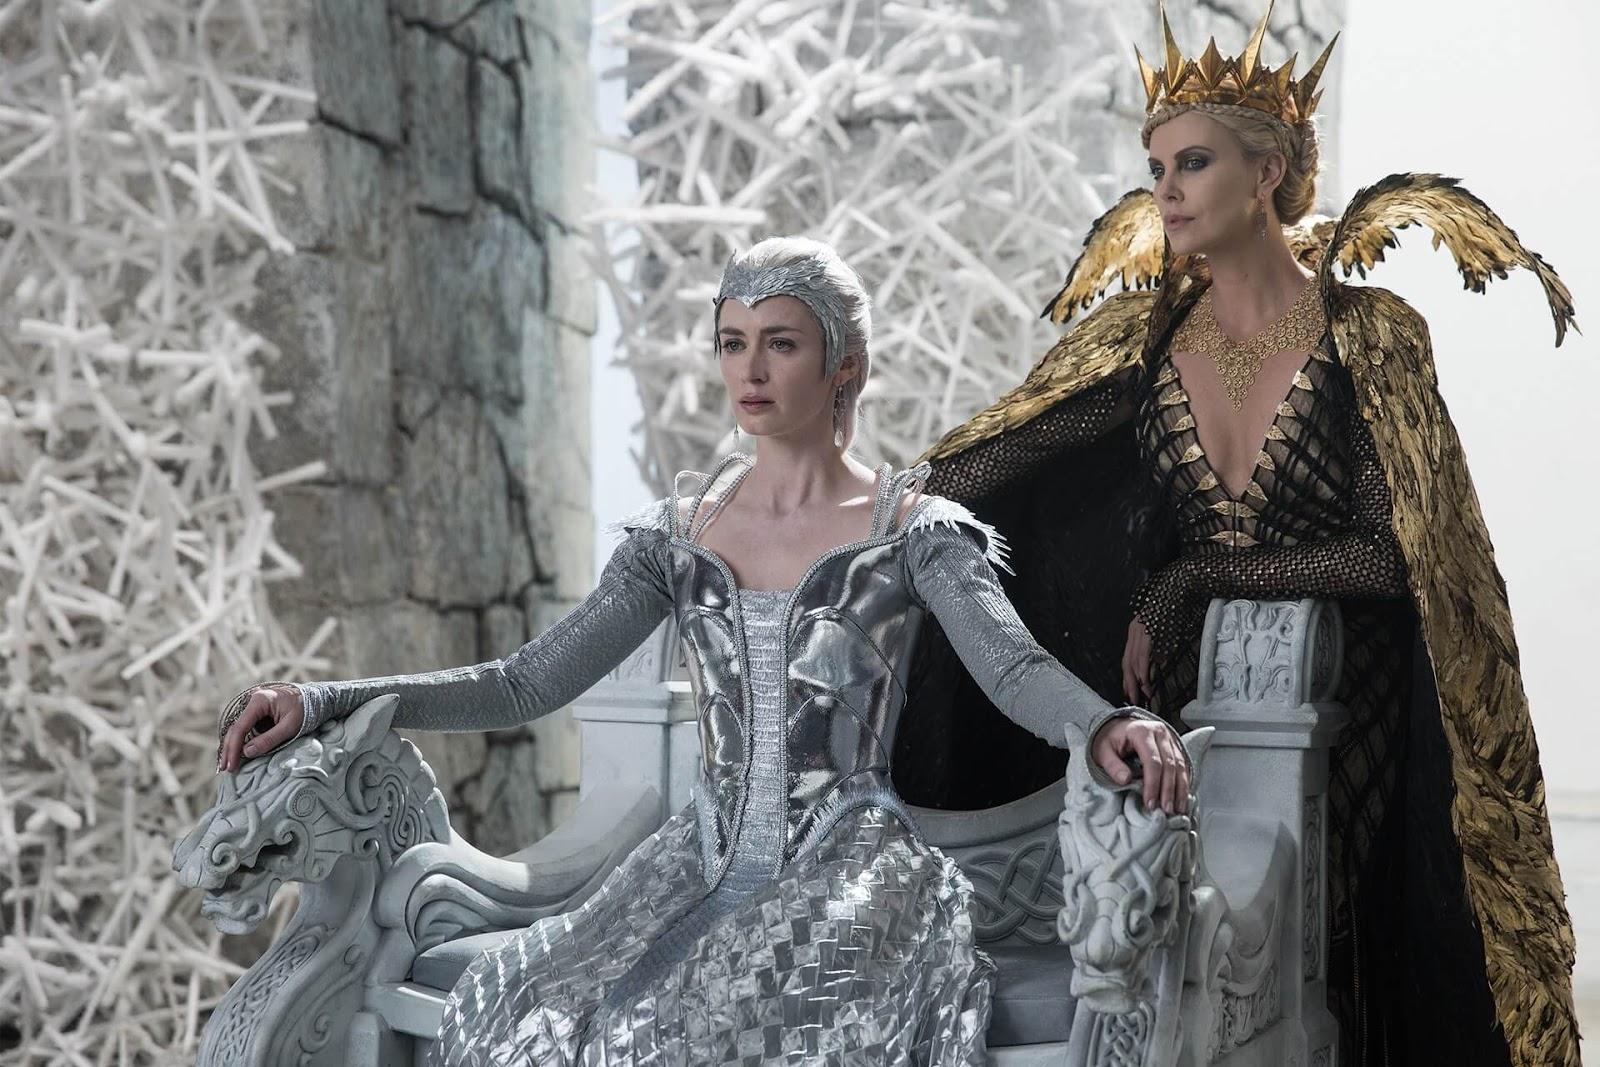 Fotograma: Las crónicas de Blancanieves - El cazador y la reina del hielo (2016)